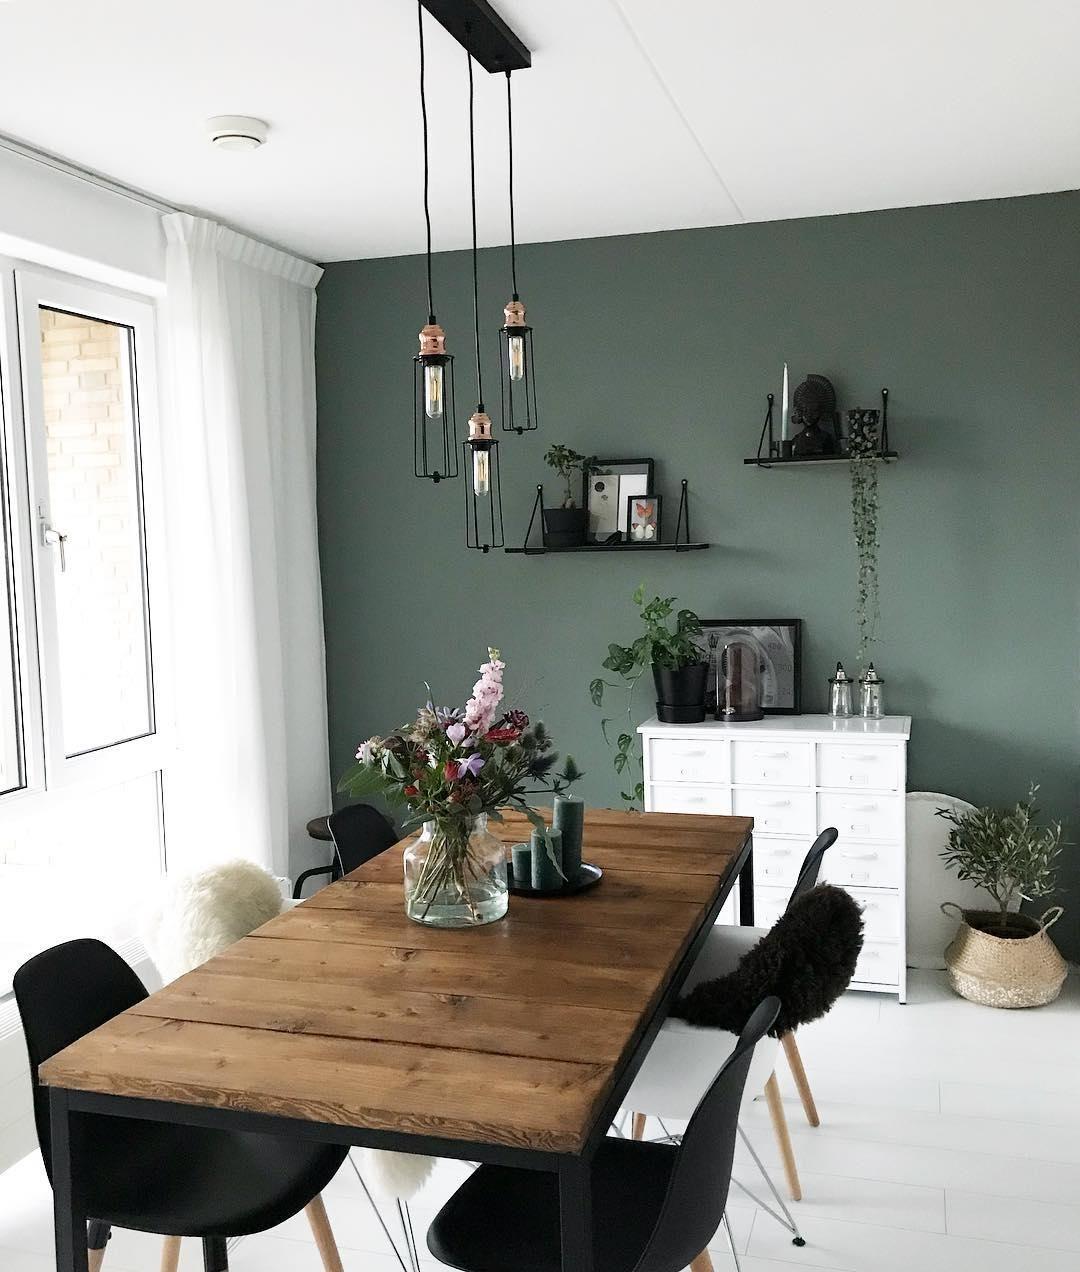 Industrial Vibes! An diesem wunderschönen Esstisch nehmen wir gerne Platz. Die Pendelleuchte im Wire-Design, frische Blumen und kuschlige Felle sorgen für das gewisse Etwas in diesem Esszimmer. Einfach perfekt! // Esszimmer Esstisch Stühle Leuchte Blumen Dekoration Ideen Wandfarbe #EsszimmerIdeen #Esstisch @mach.s #kücheideeneinrichtung